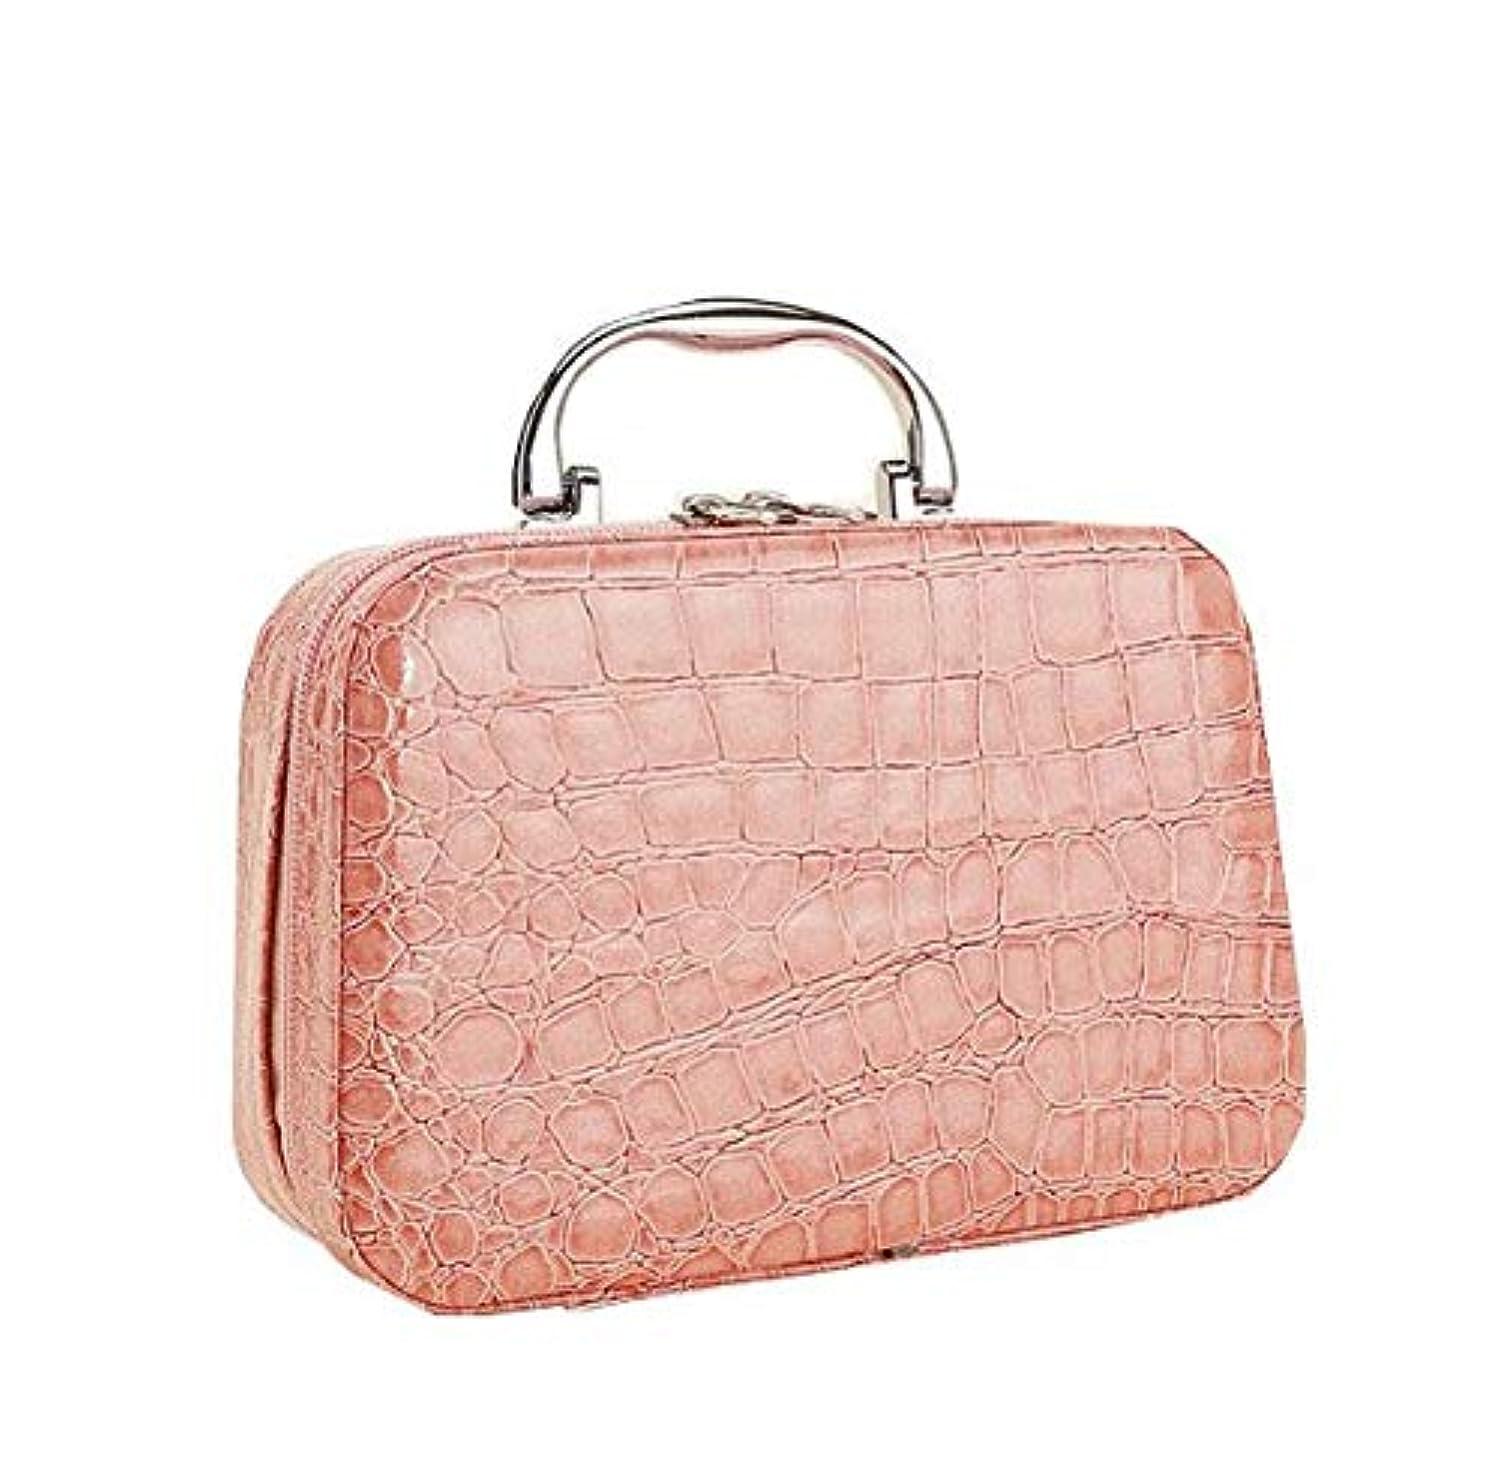 難しい私たちの着服化粧箱、ピンクのワニ皮の化粧箱、携帯用携帯用旅行化粧品の箱、美の釘の宝石類の収納箱